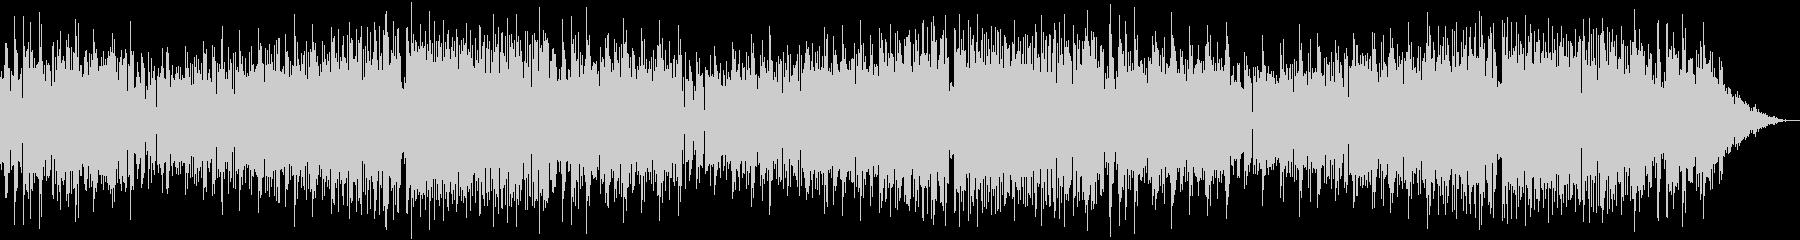 クラシック調のEDM系音楽の未再生の波形